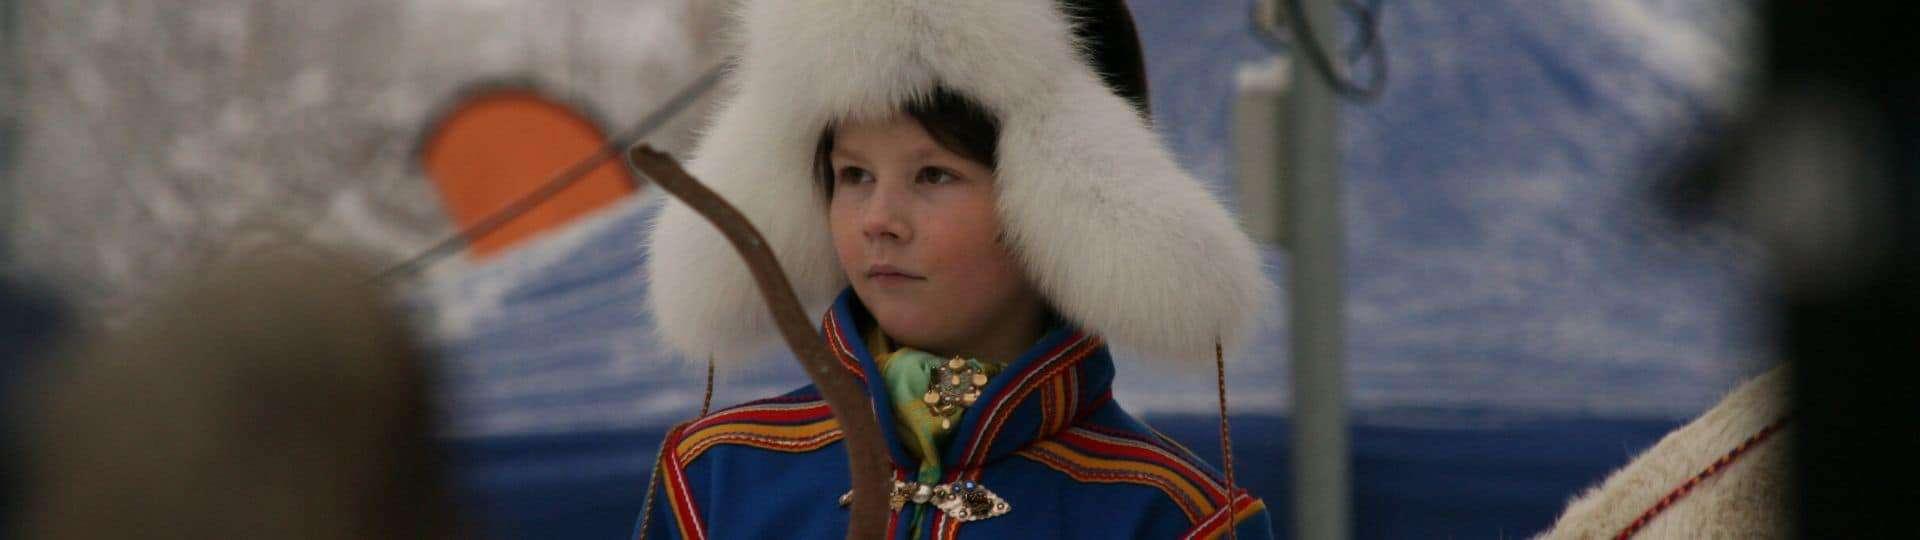 Jongentje op de Sami jaarmarkt in Jokkmokk